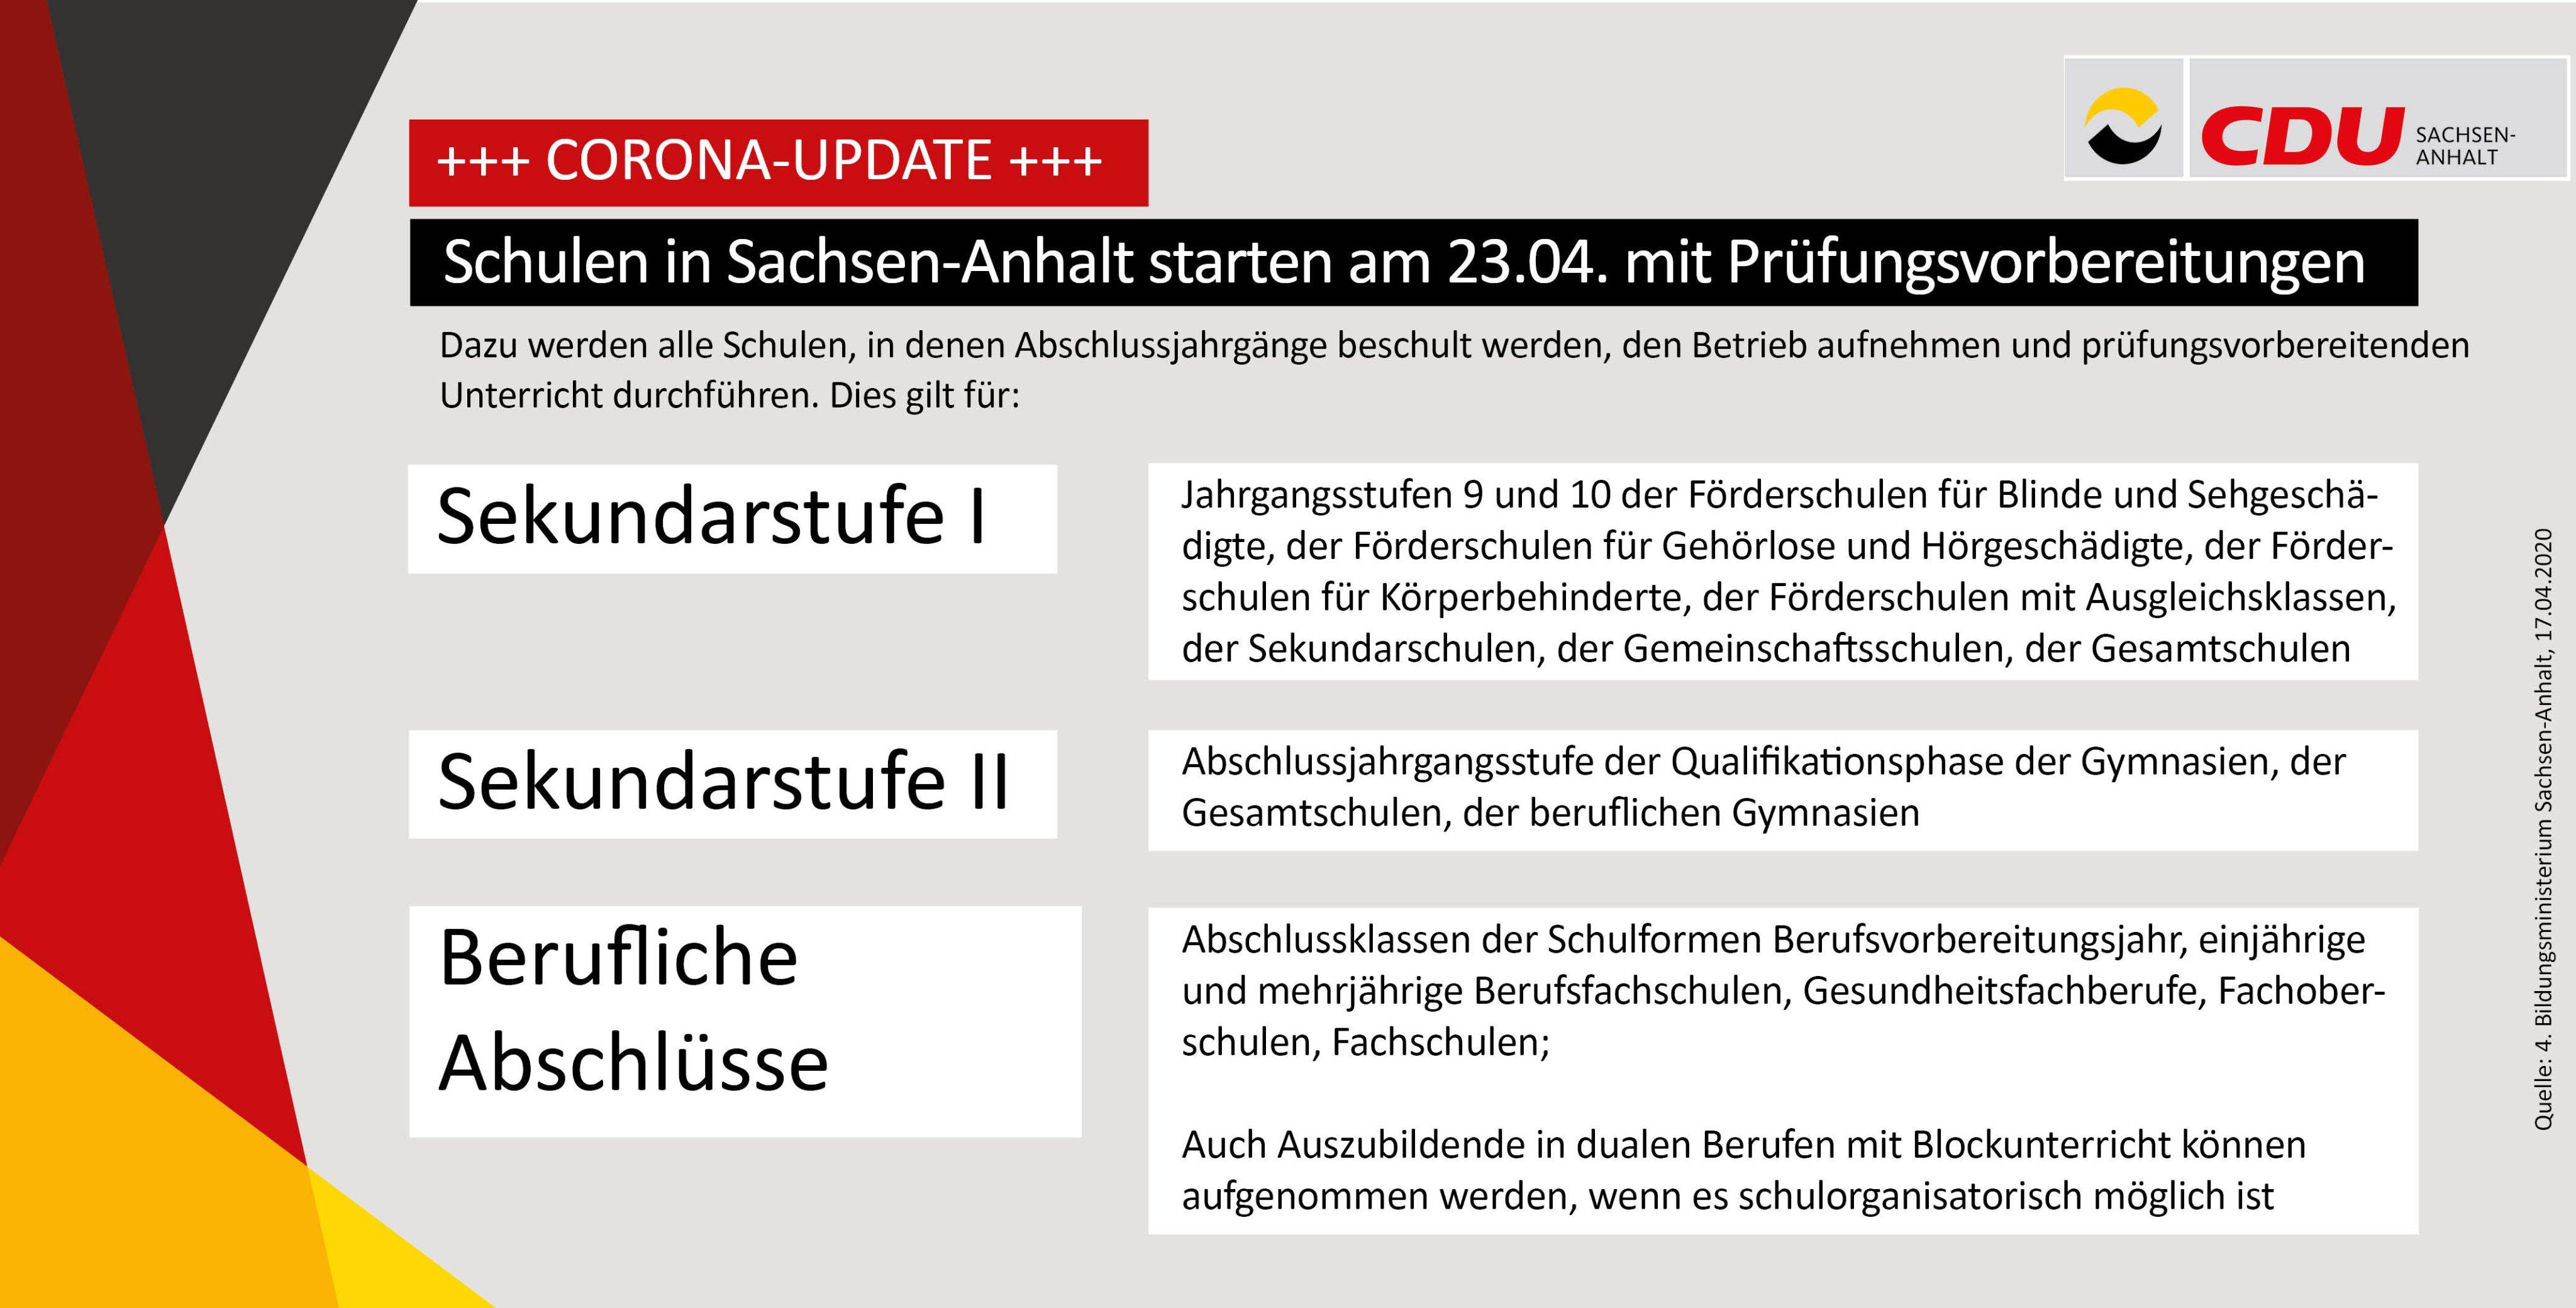 News Und Infos Zum Umgang Mit Der Corona Pandemie Cdu Sachsen Anhalt